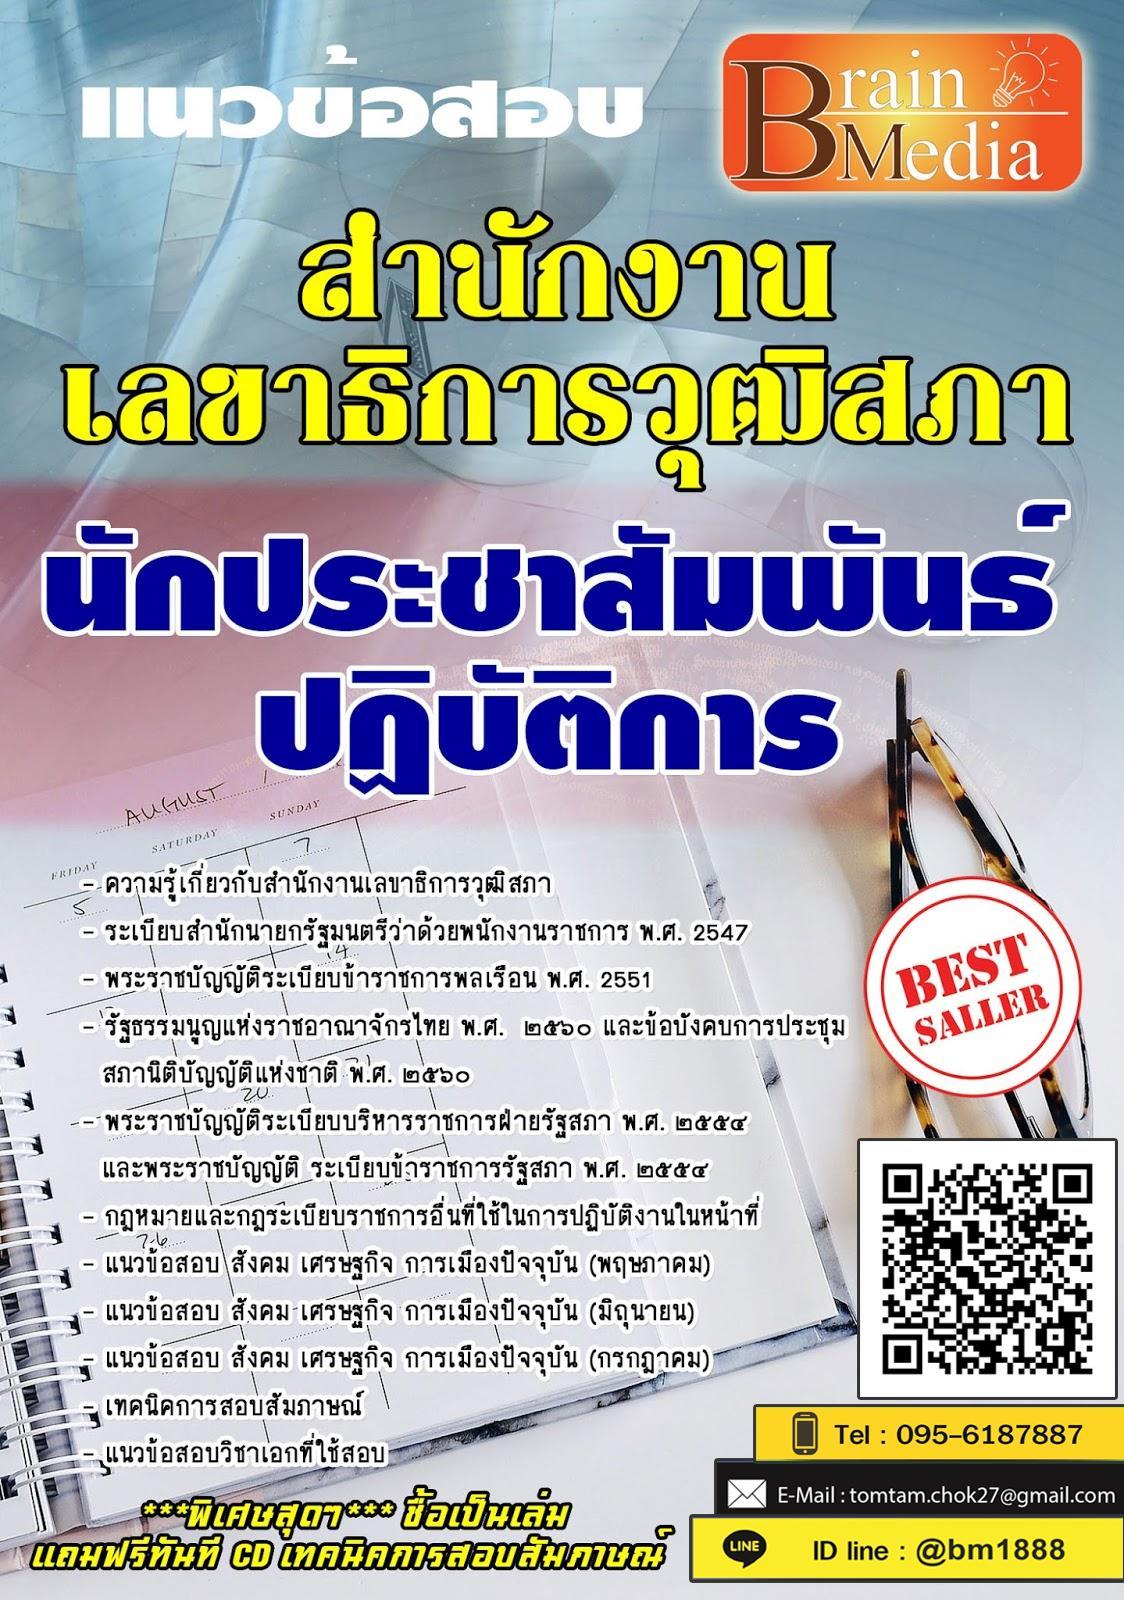 แนวข้อสอบ นักประชาสัมพันธ์ปฏิบัติการ สำนักงานเลขาธิการวุฒิสภา พร้อมเฉลย